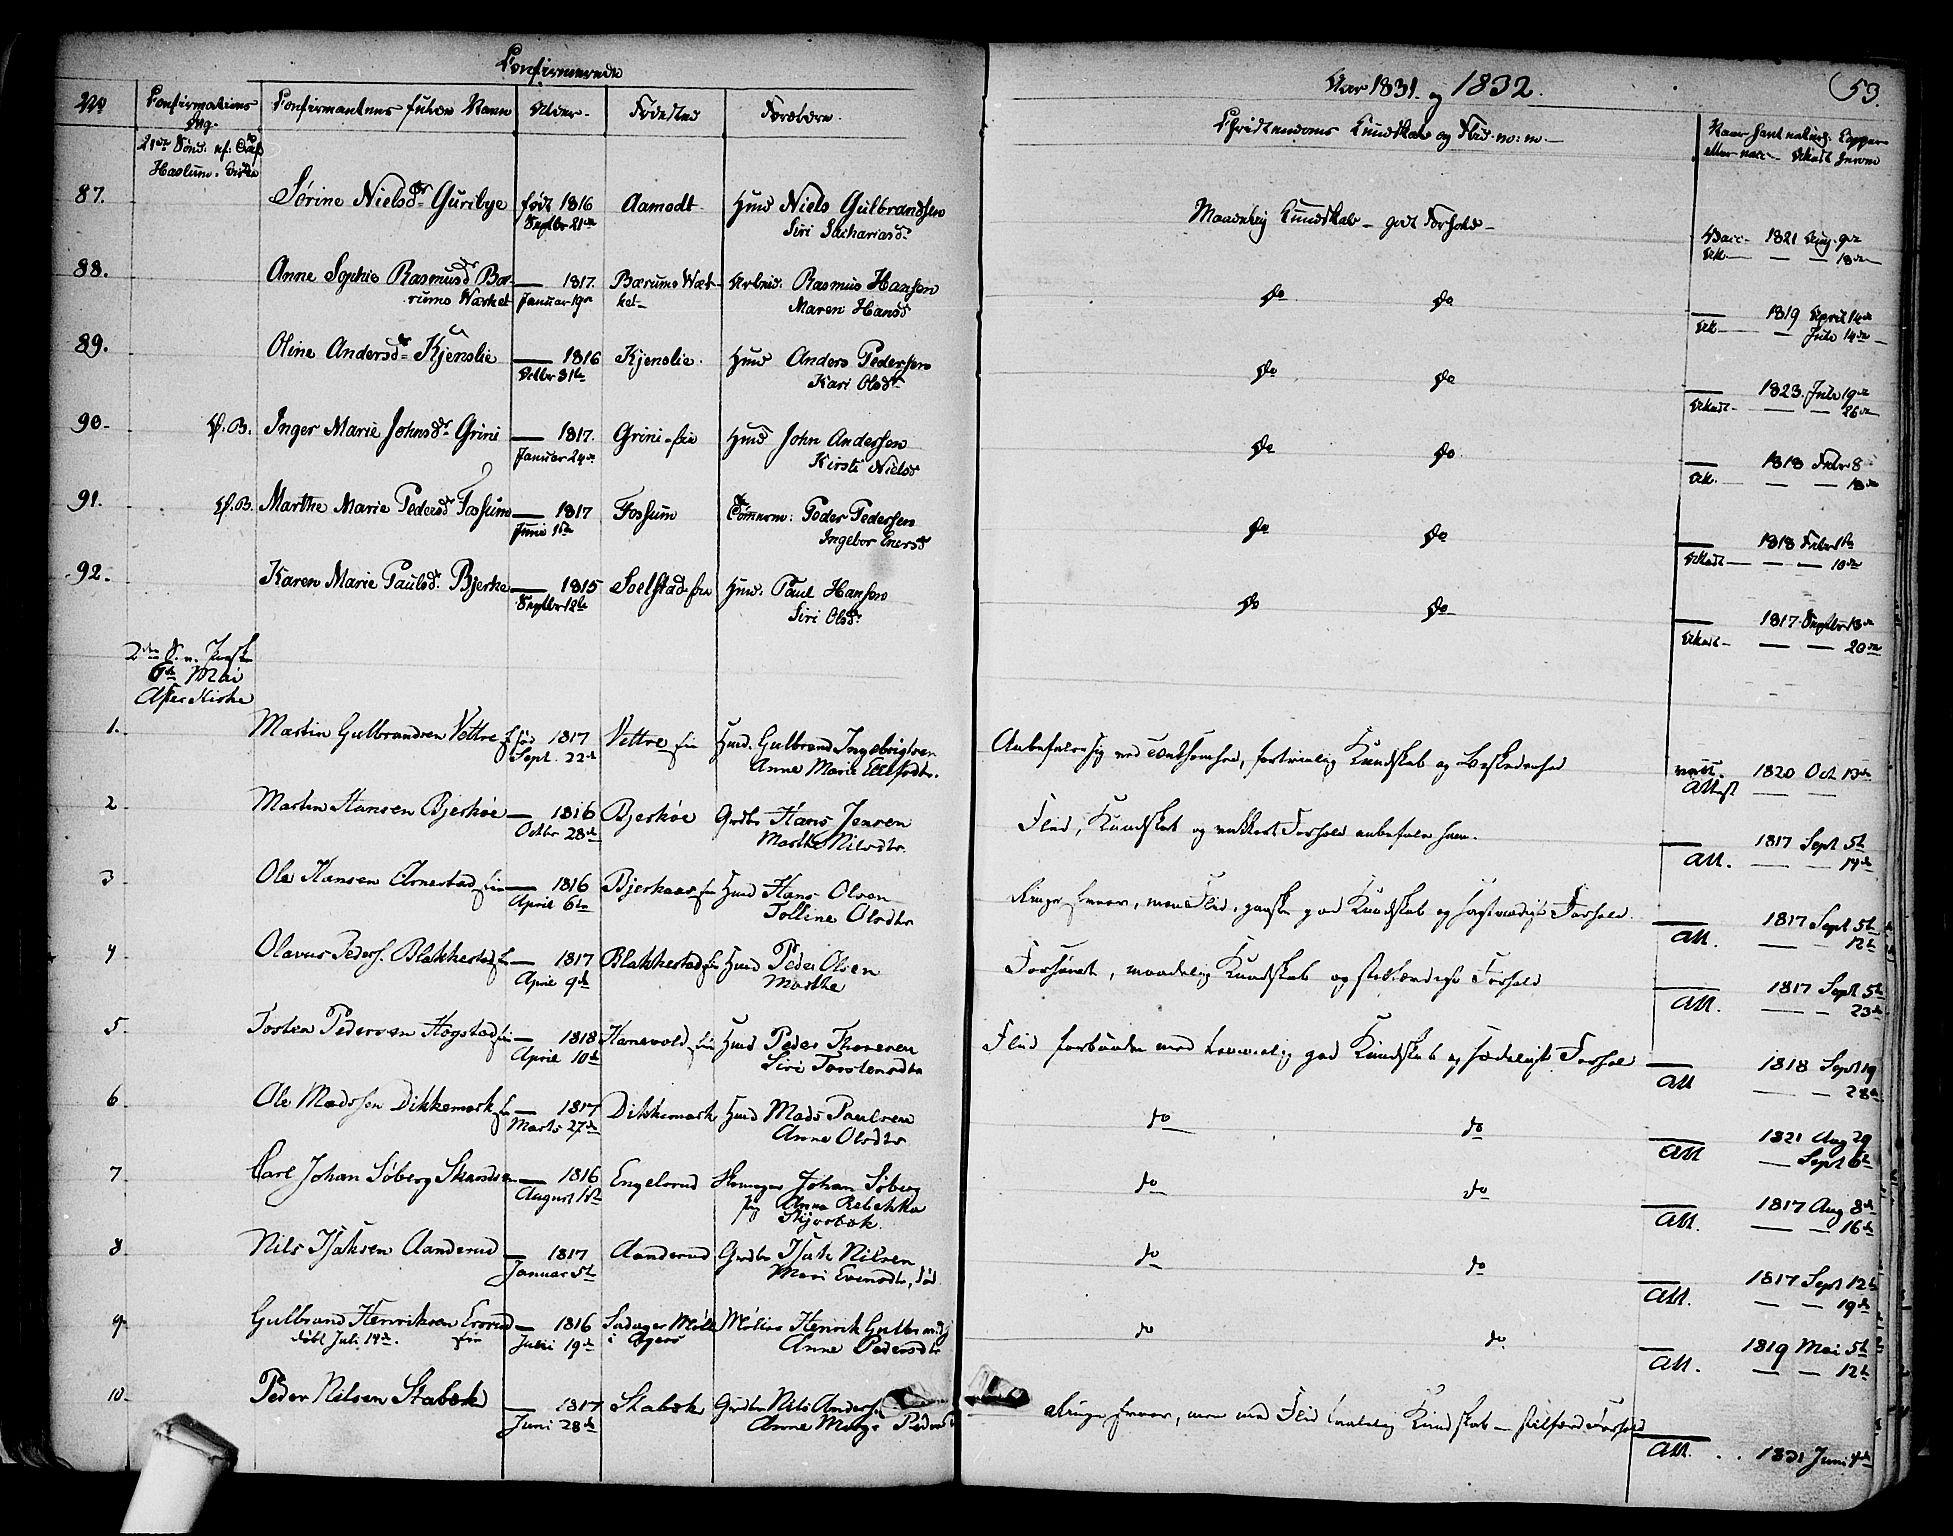 SAO, Asker prestekontor Kirkebøker, F/Fa/L0009: Ministerialbok nr. I 9, 1825-1878, s. 53